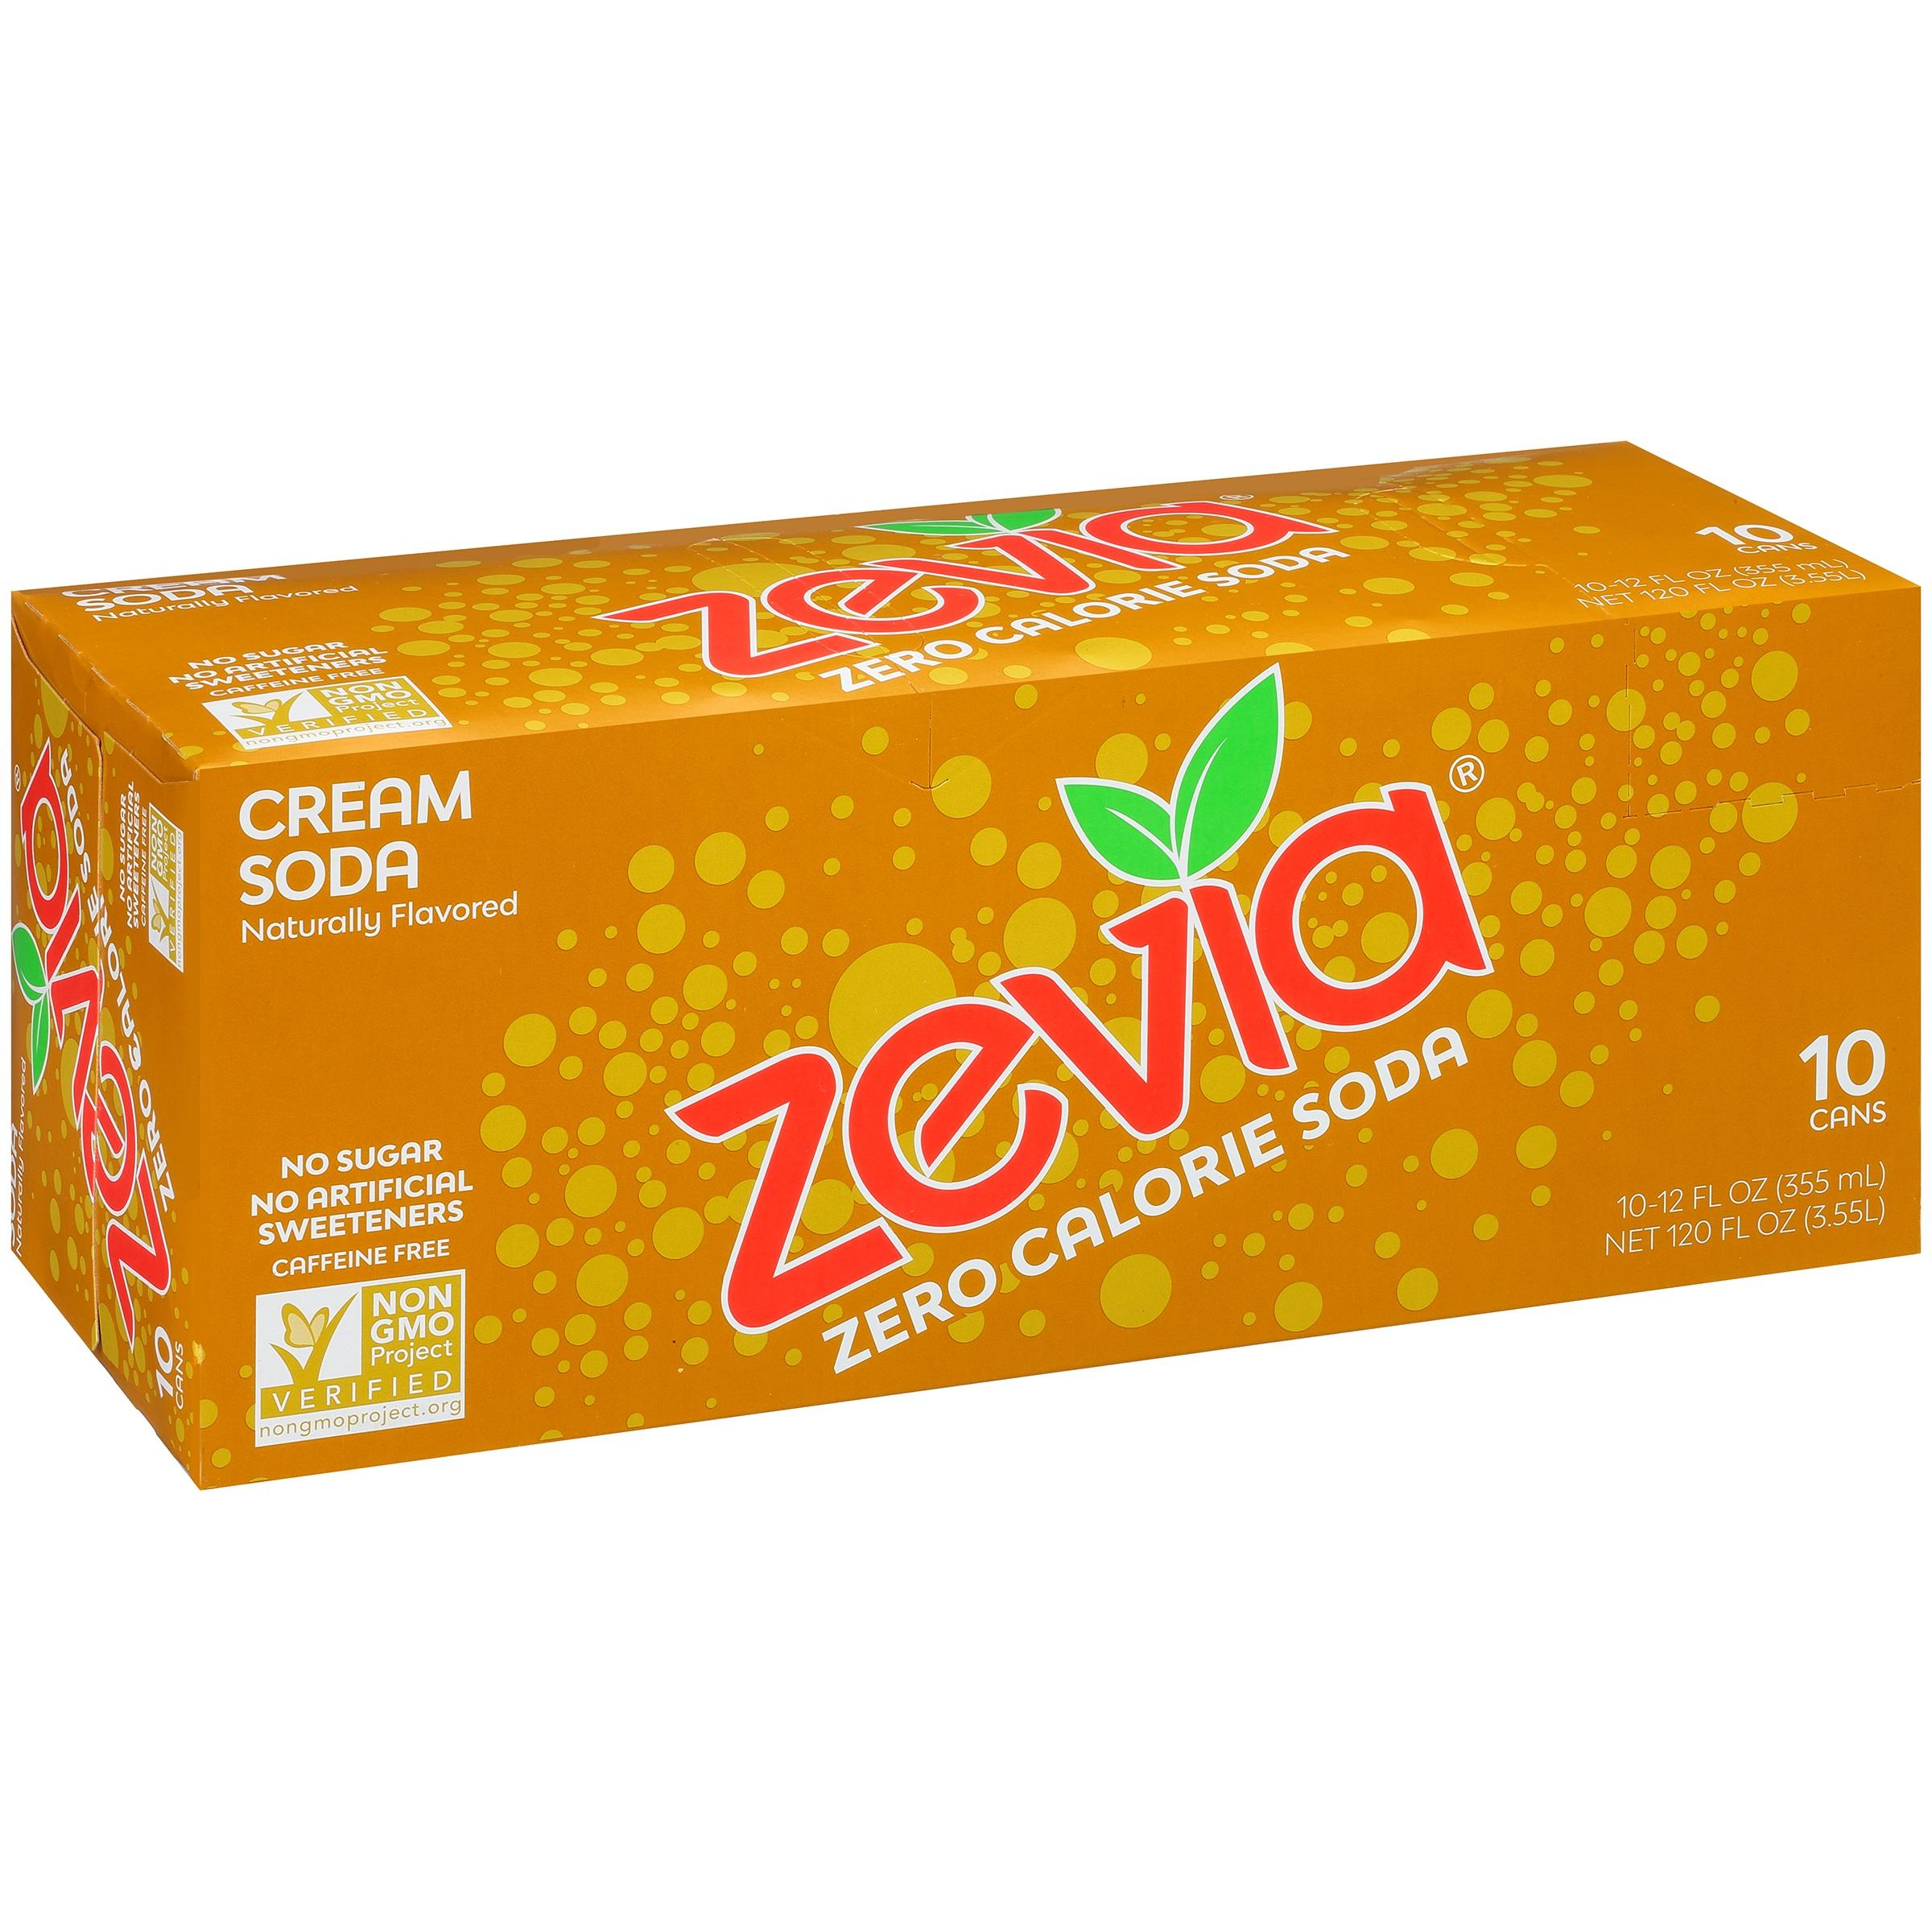 Zevia® Zero Calorie Cream Soda 10-12 fl. oz. Cans